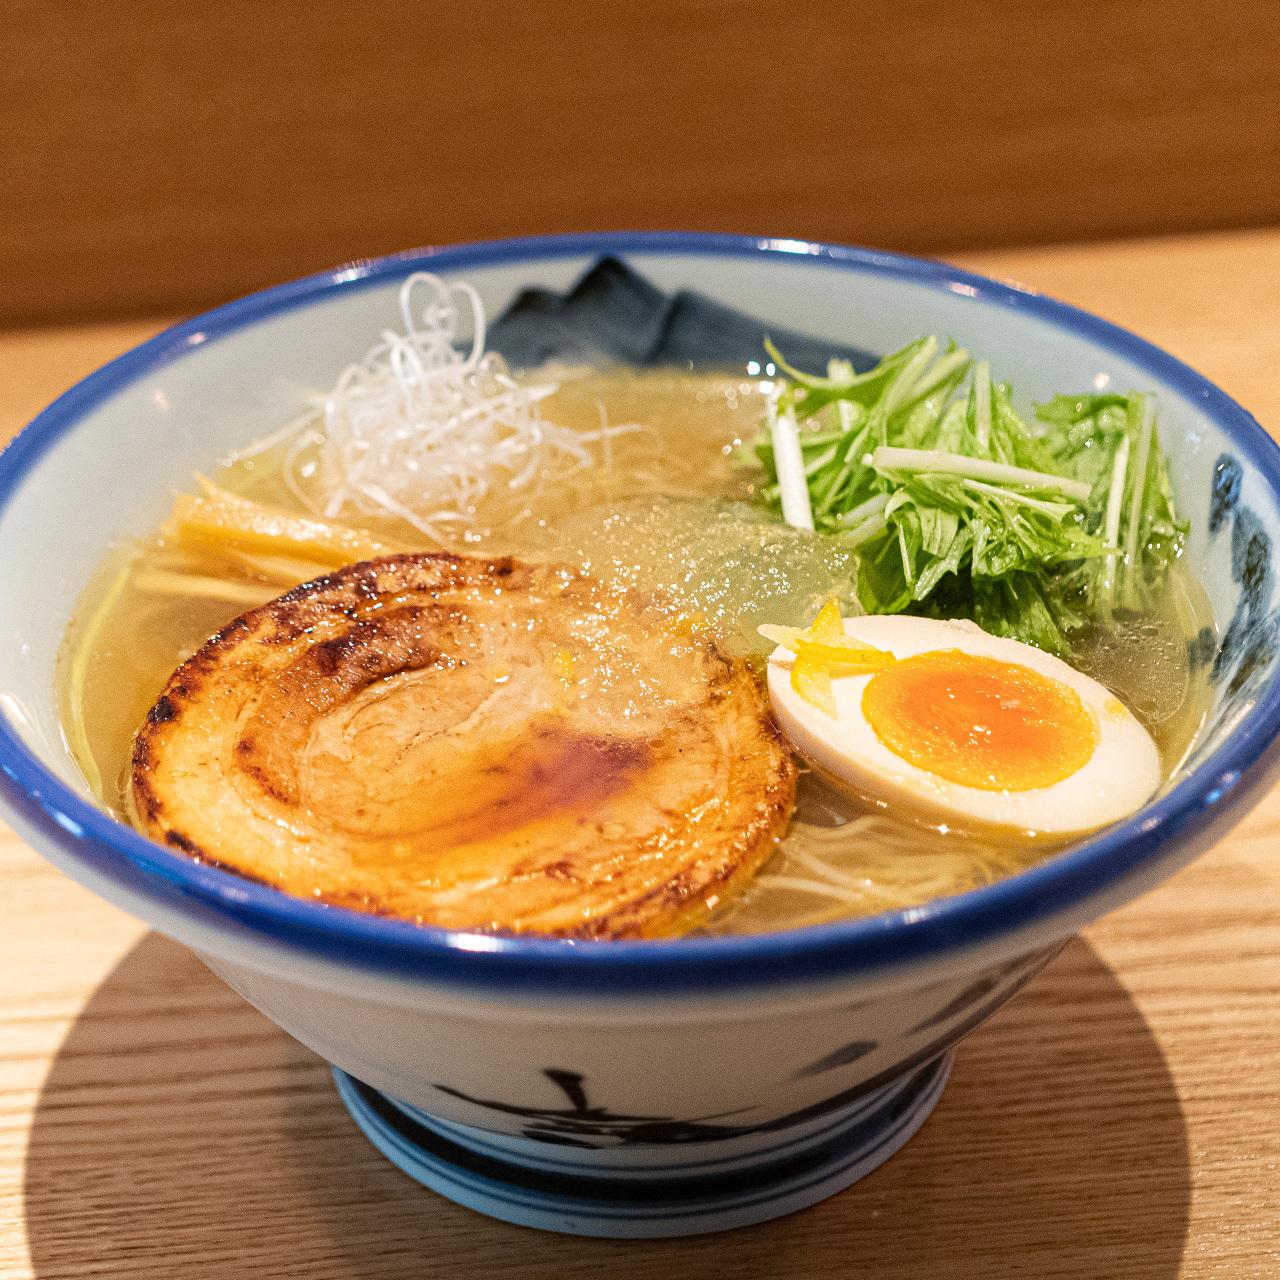 冷やし柚子塩麺 6食入り